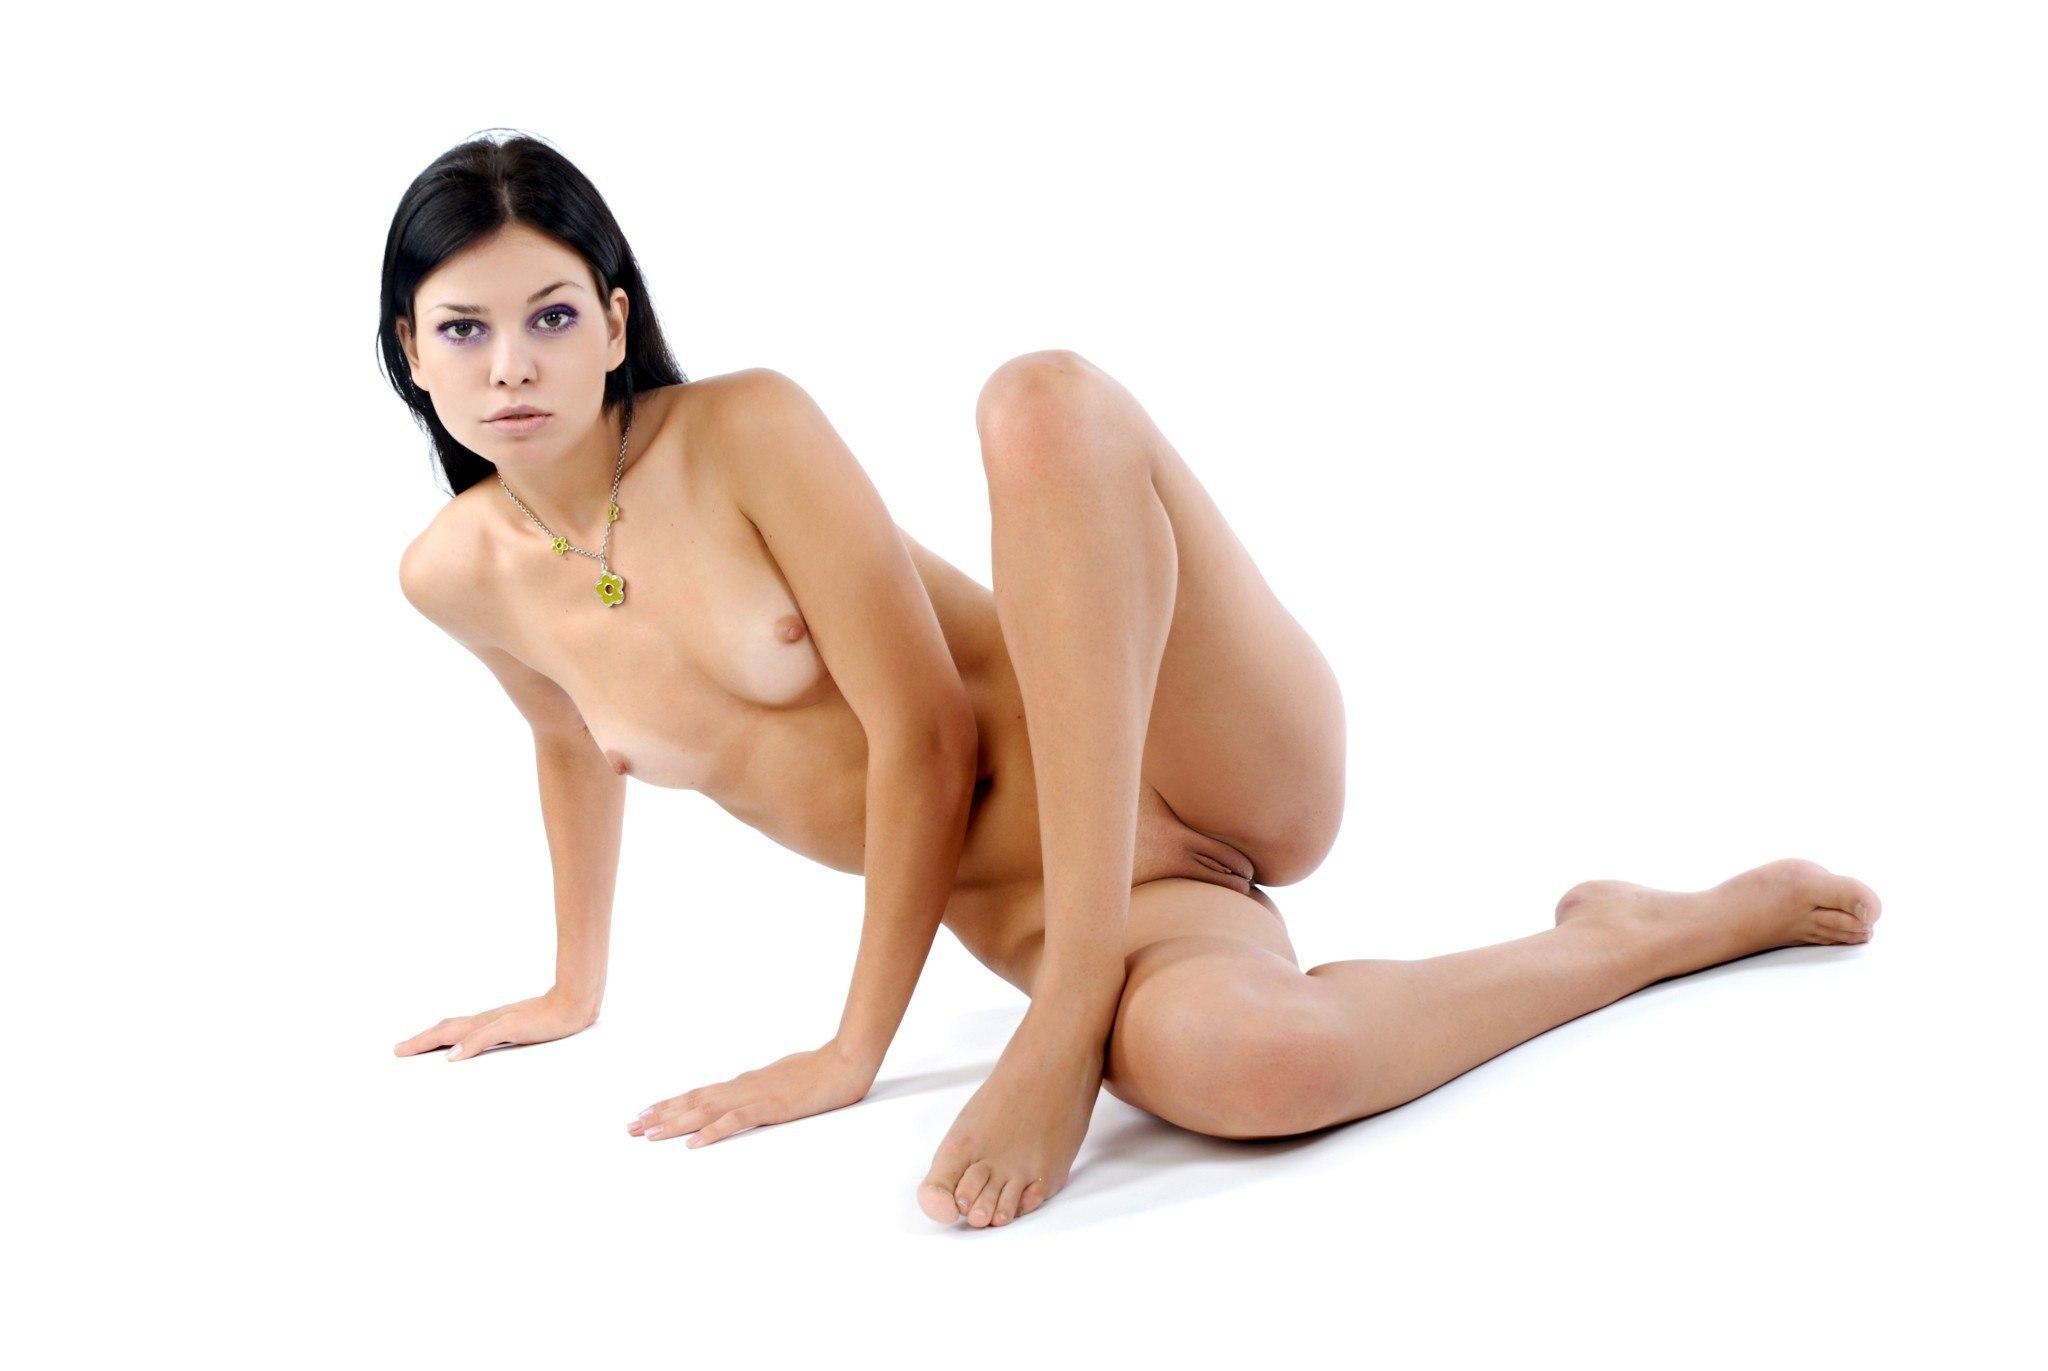 Полностью голая заворотнюк 16 фотография